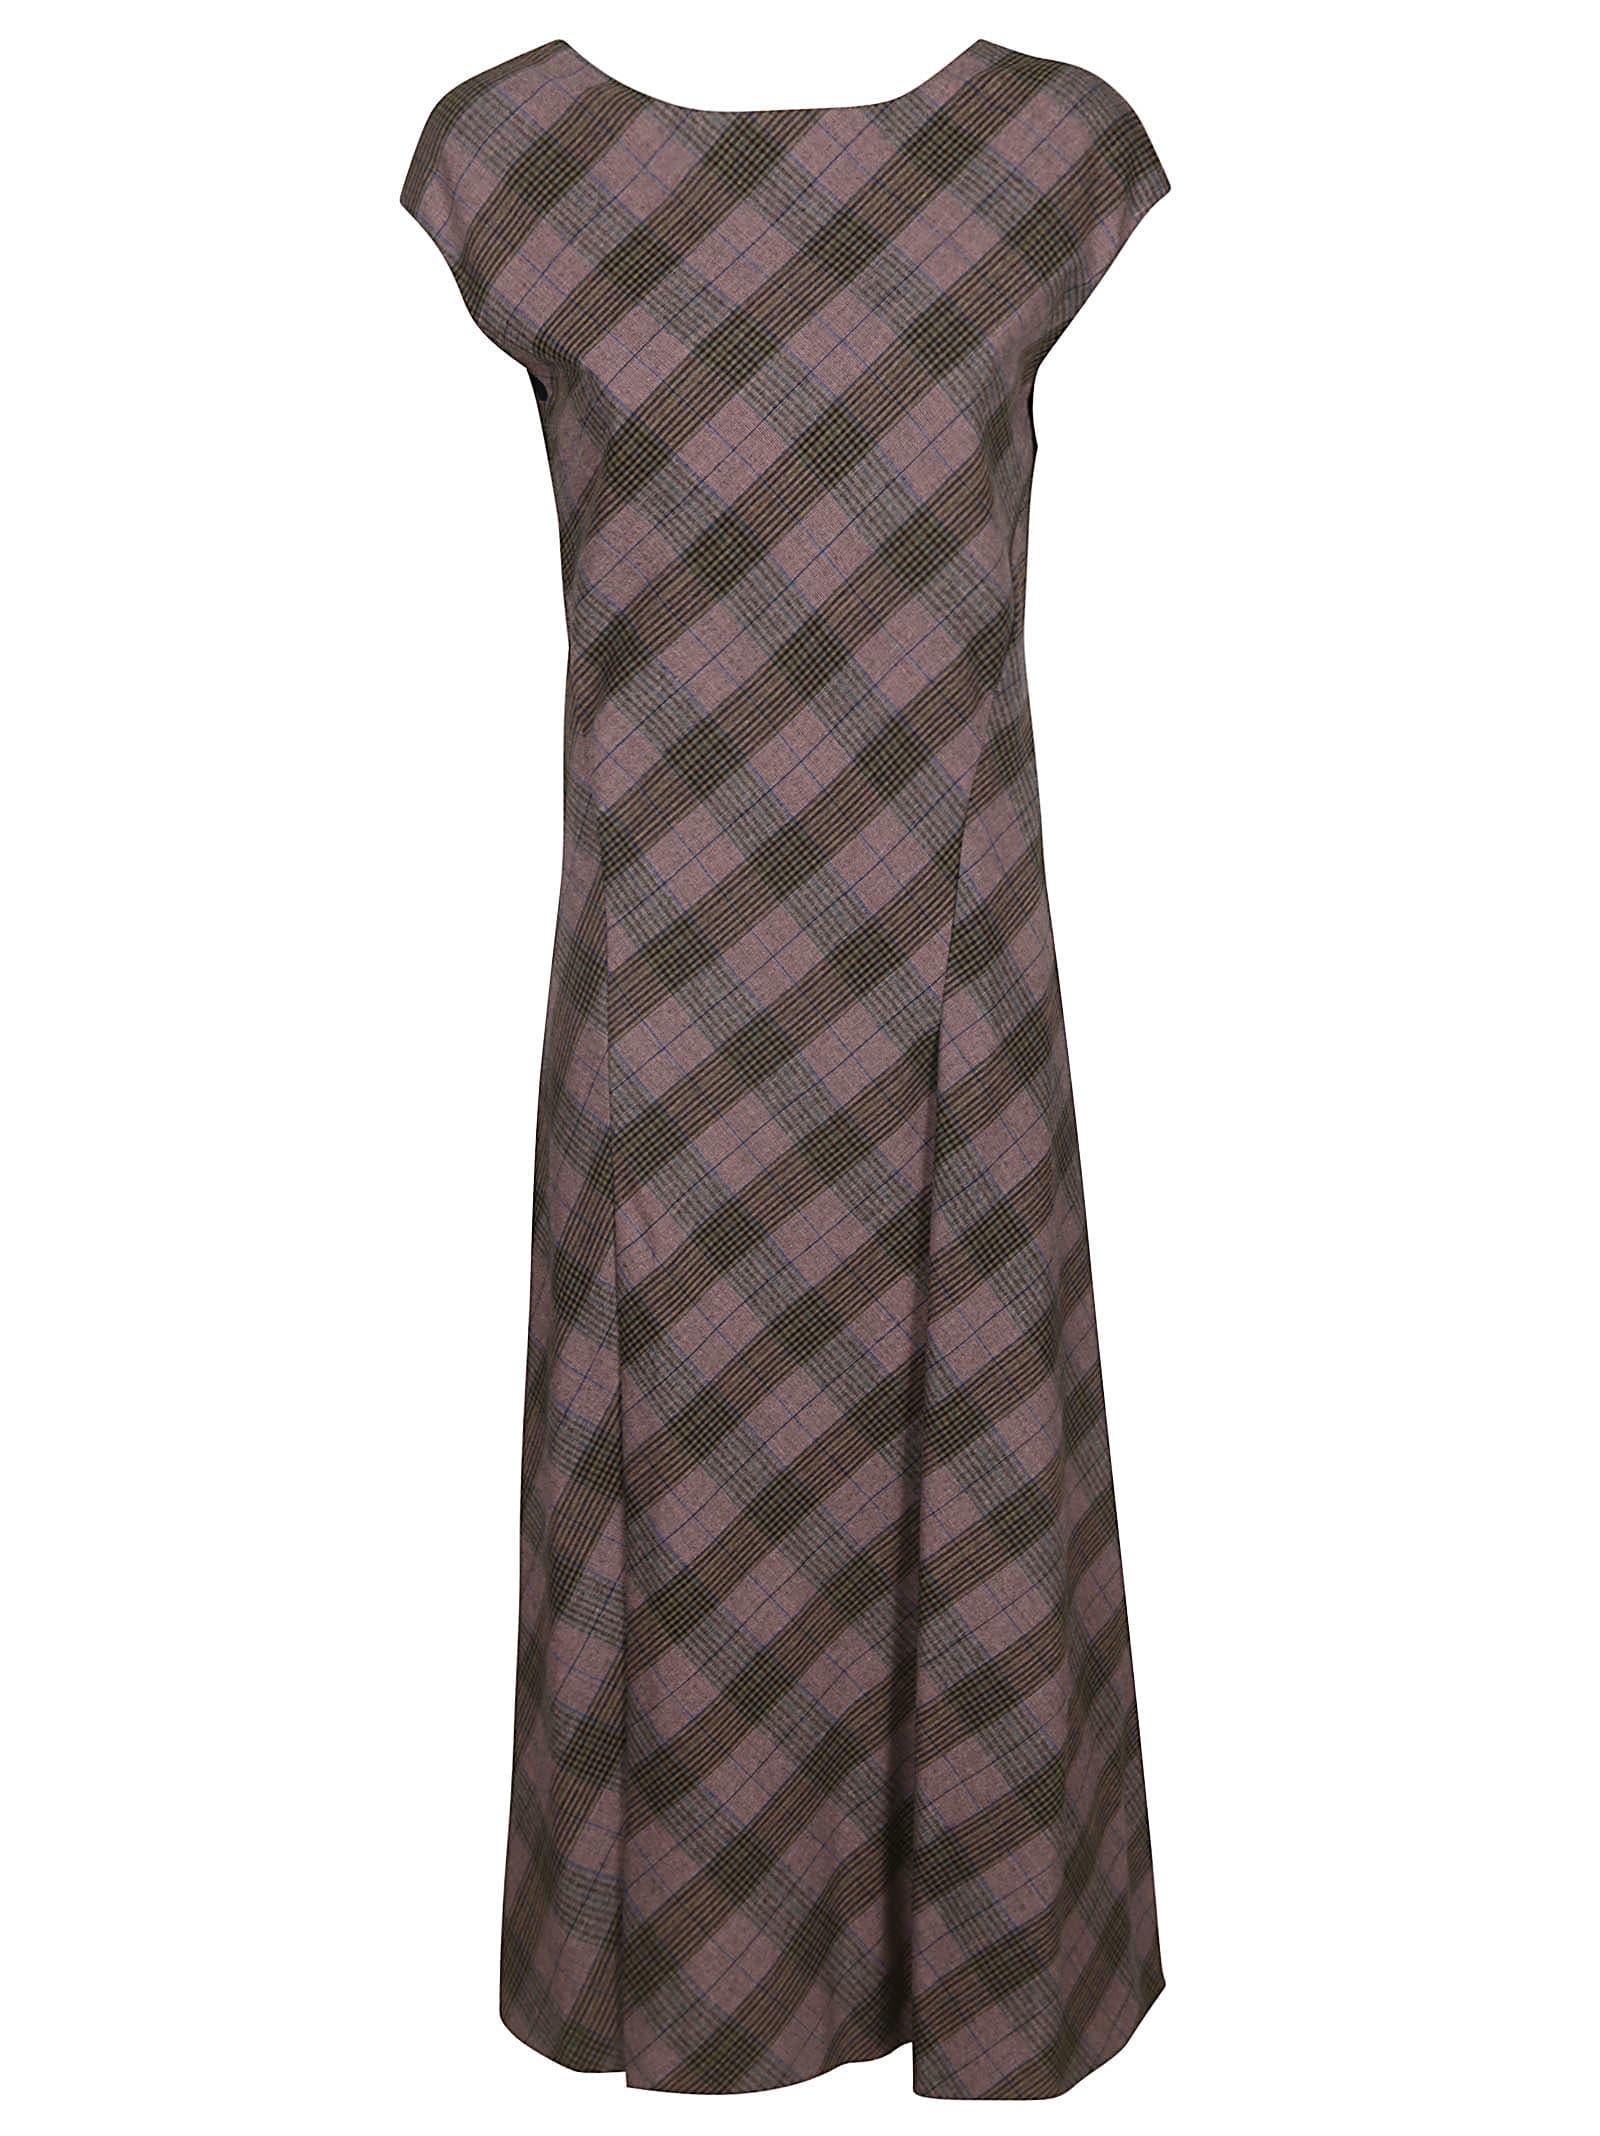 Malìparmi Patterned Dress